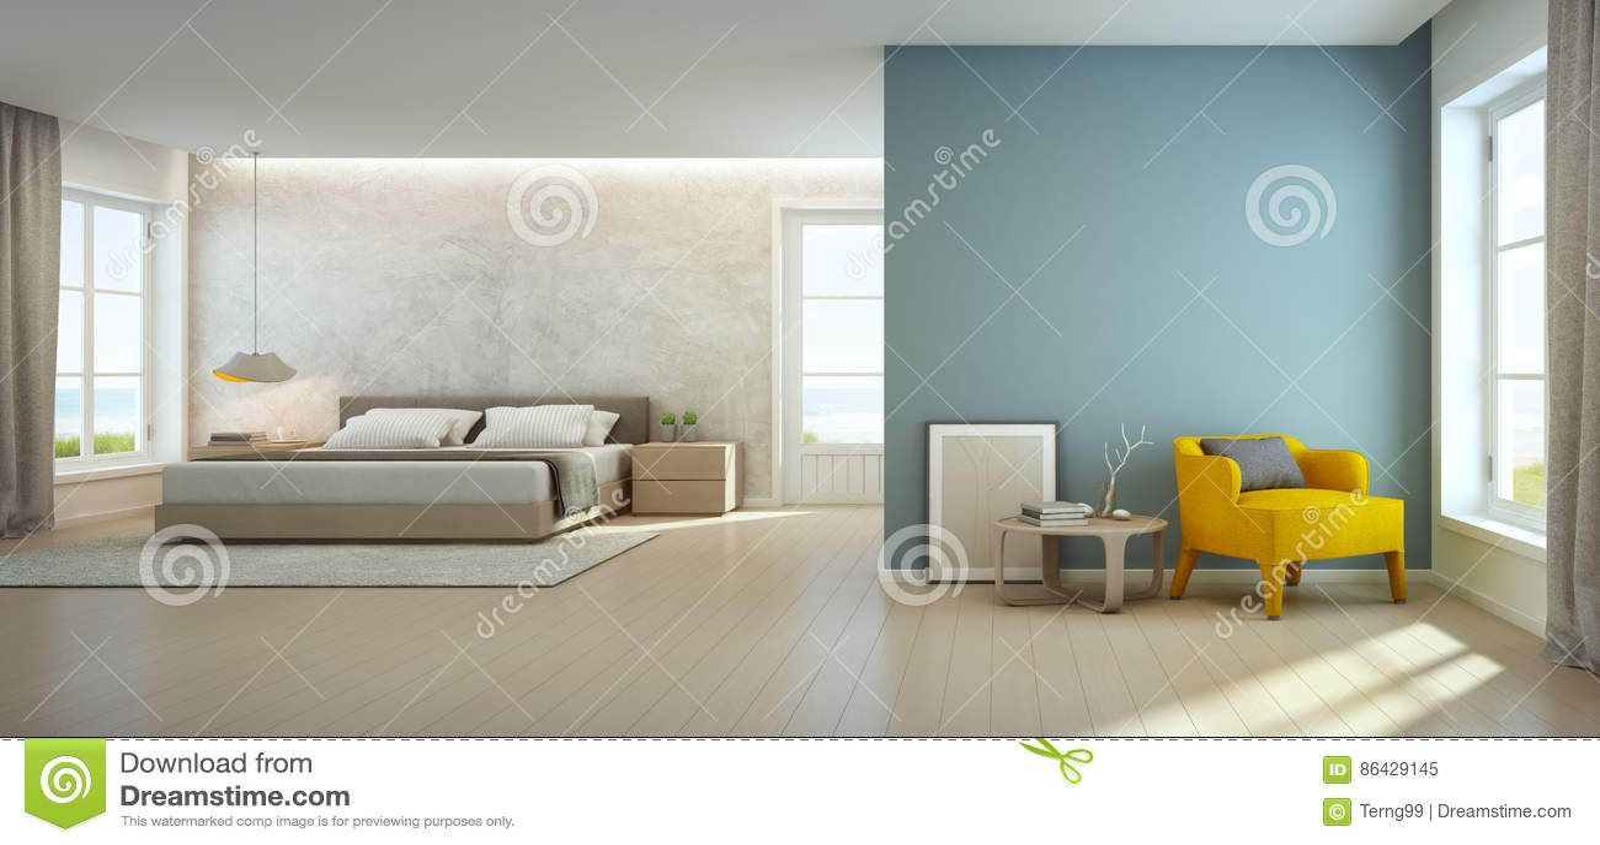 Maison Moderne De Luxe Interieur Chambre Maison Moderne